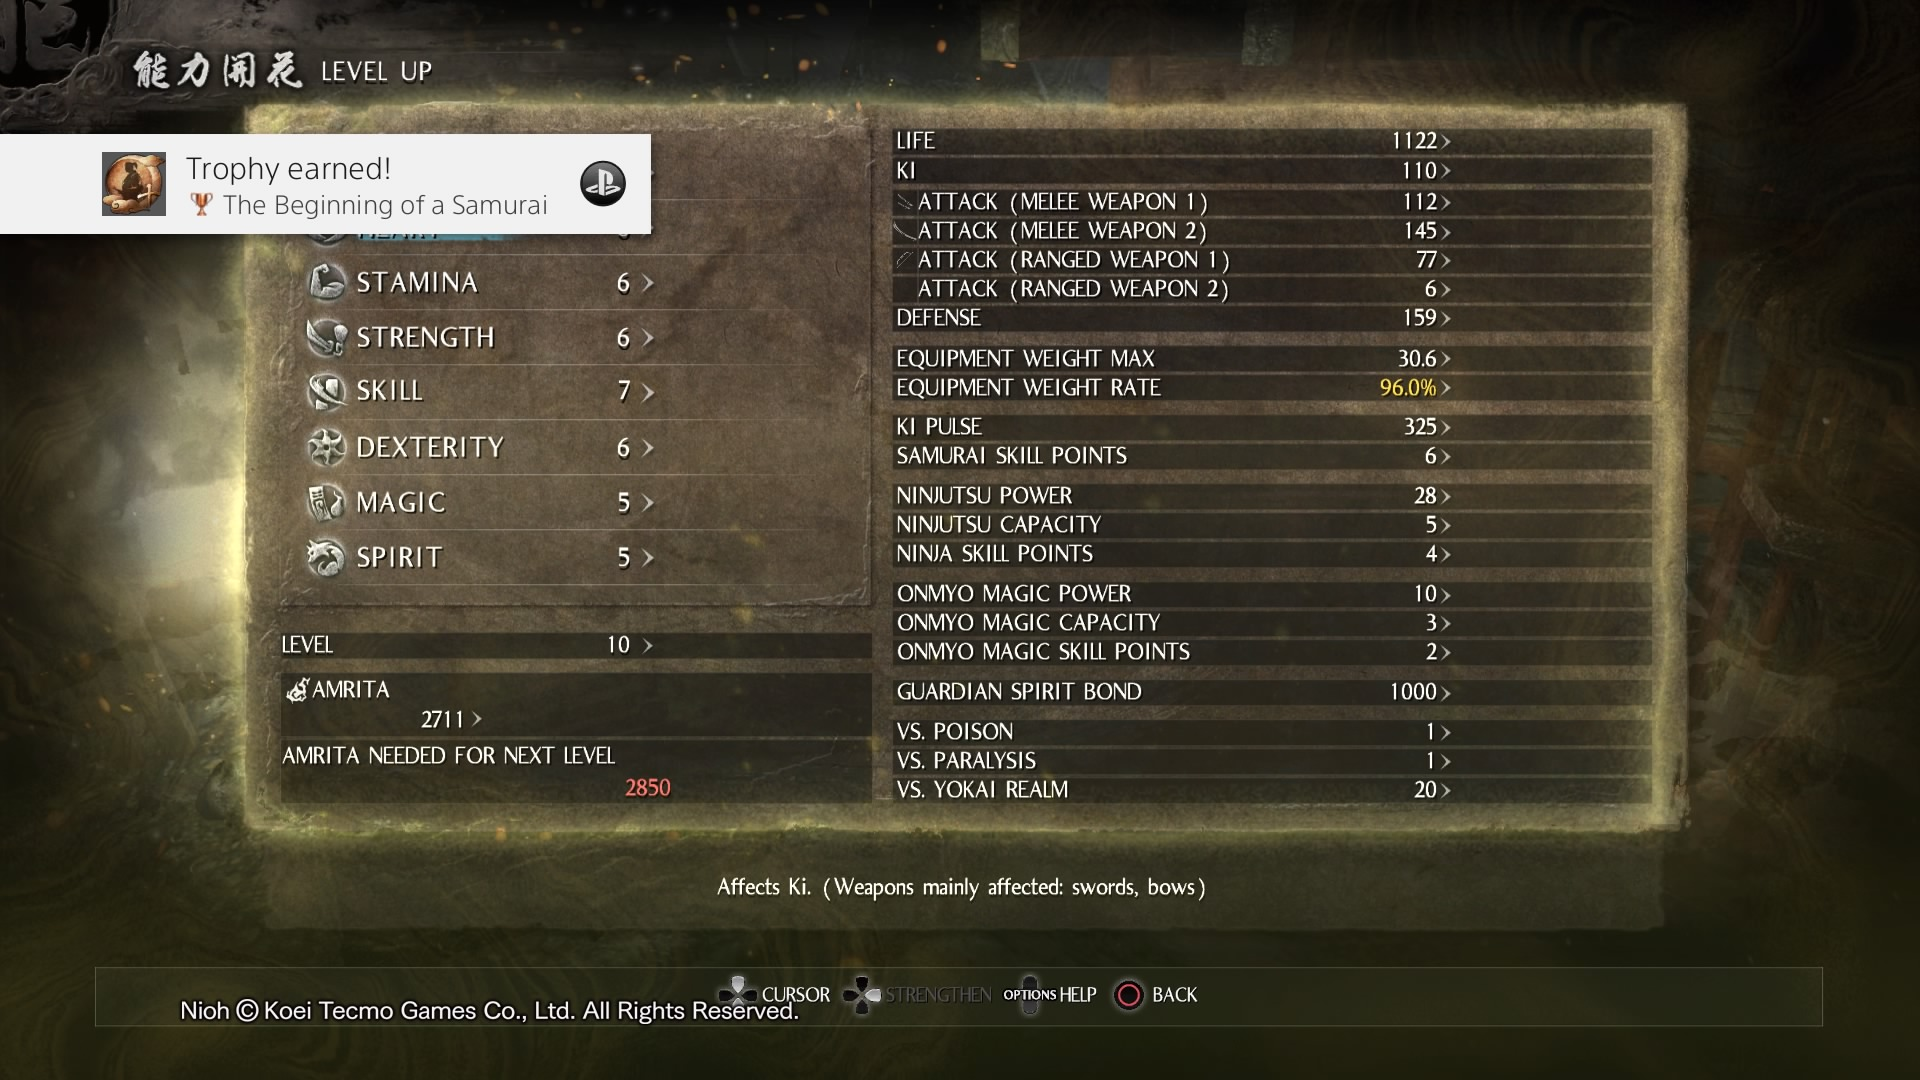 Nioh_Levelup_Screen